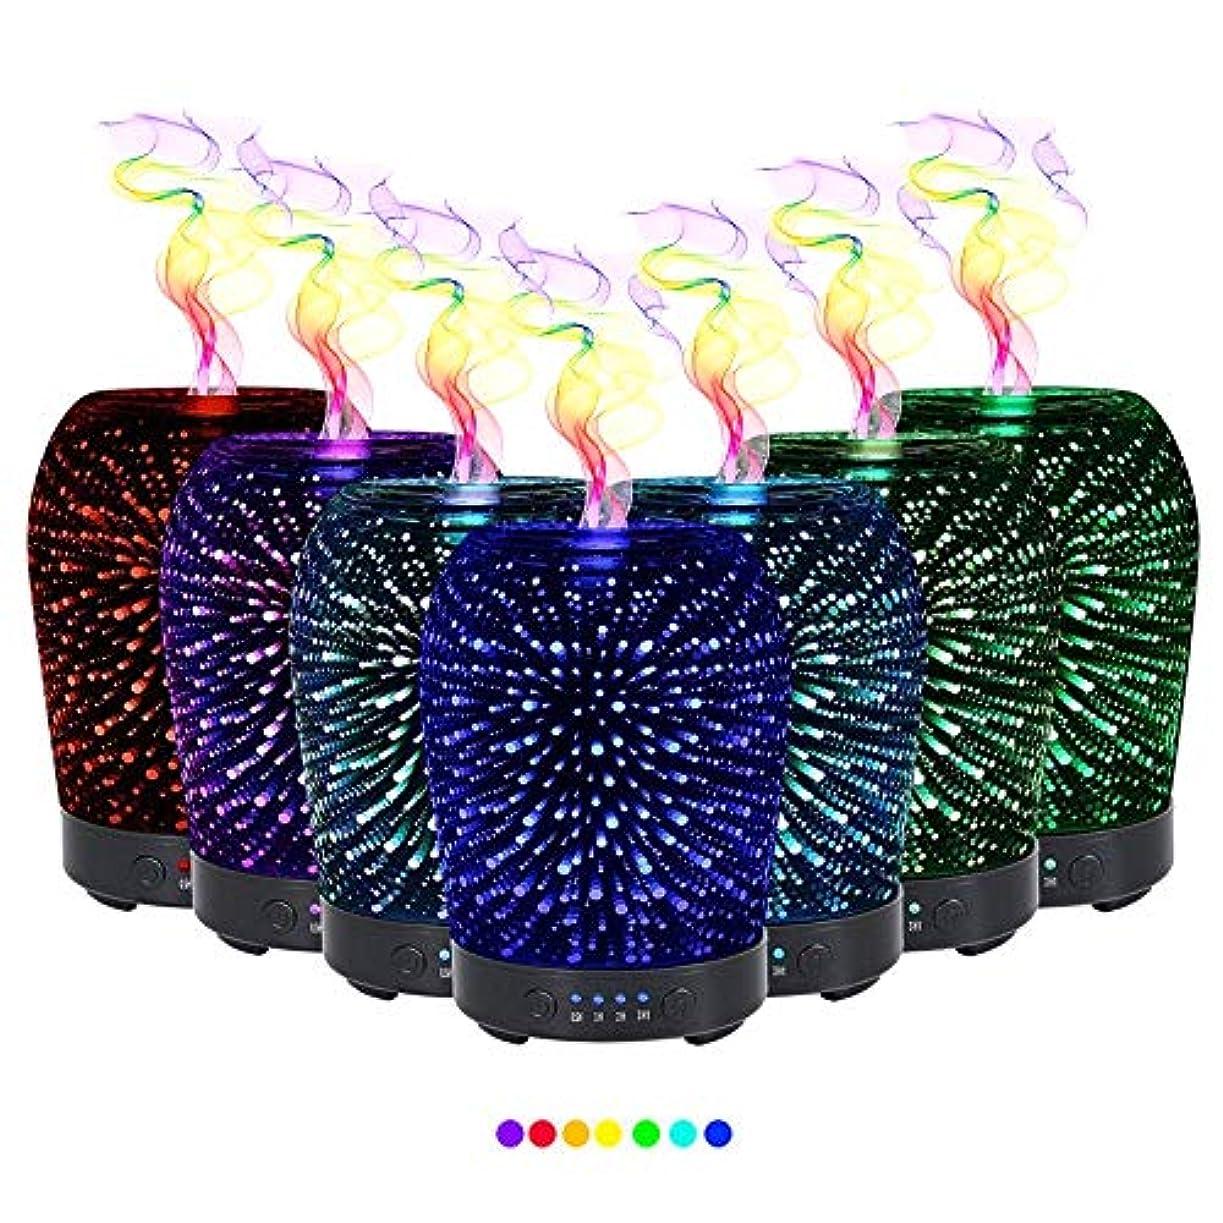 意識的かけがえのないグラスエッセンシャルオイル用ディフューザー (100ml)-クリエイティブガラスゴージャスな花火アロマ加湿器7色変更 LED ライト & 4 タイマー設定、水なしオートシャットオフ